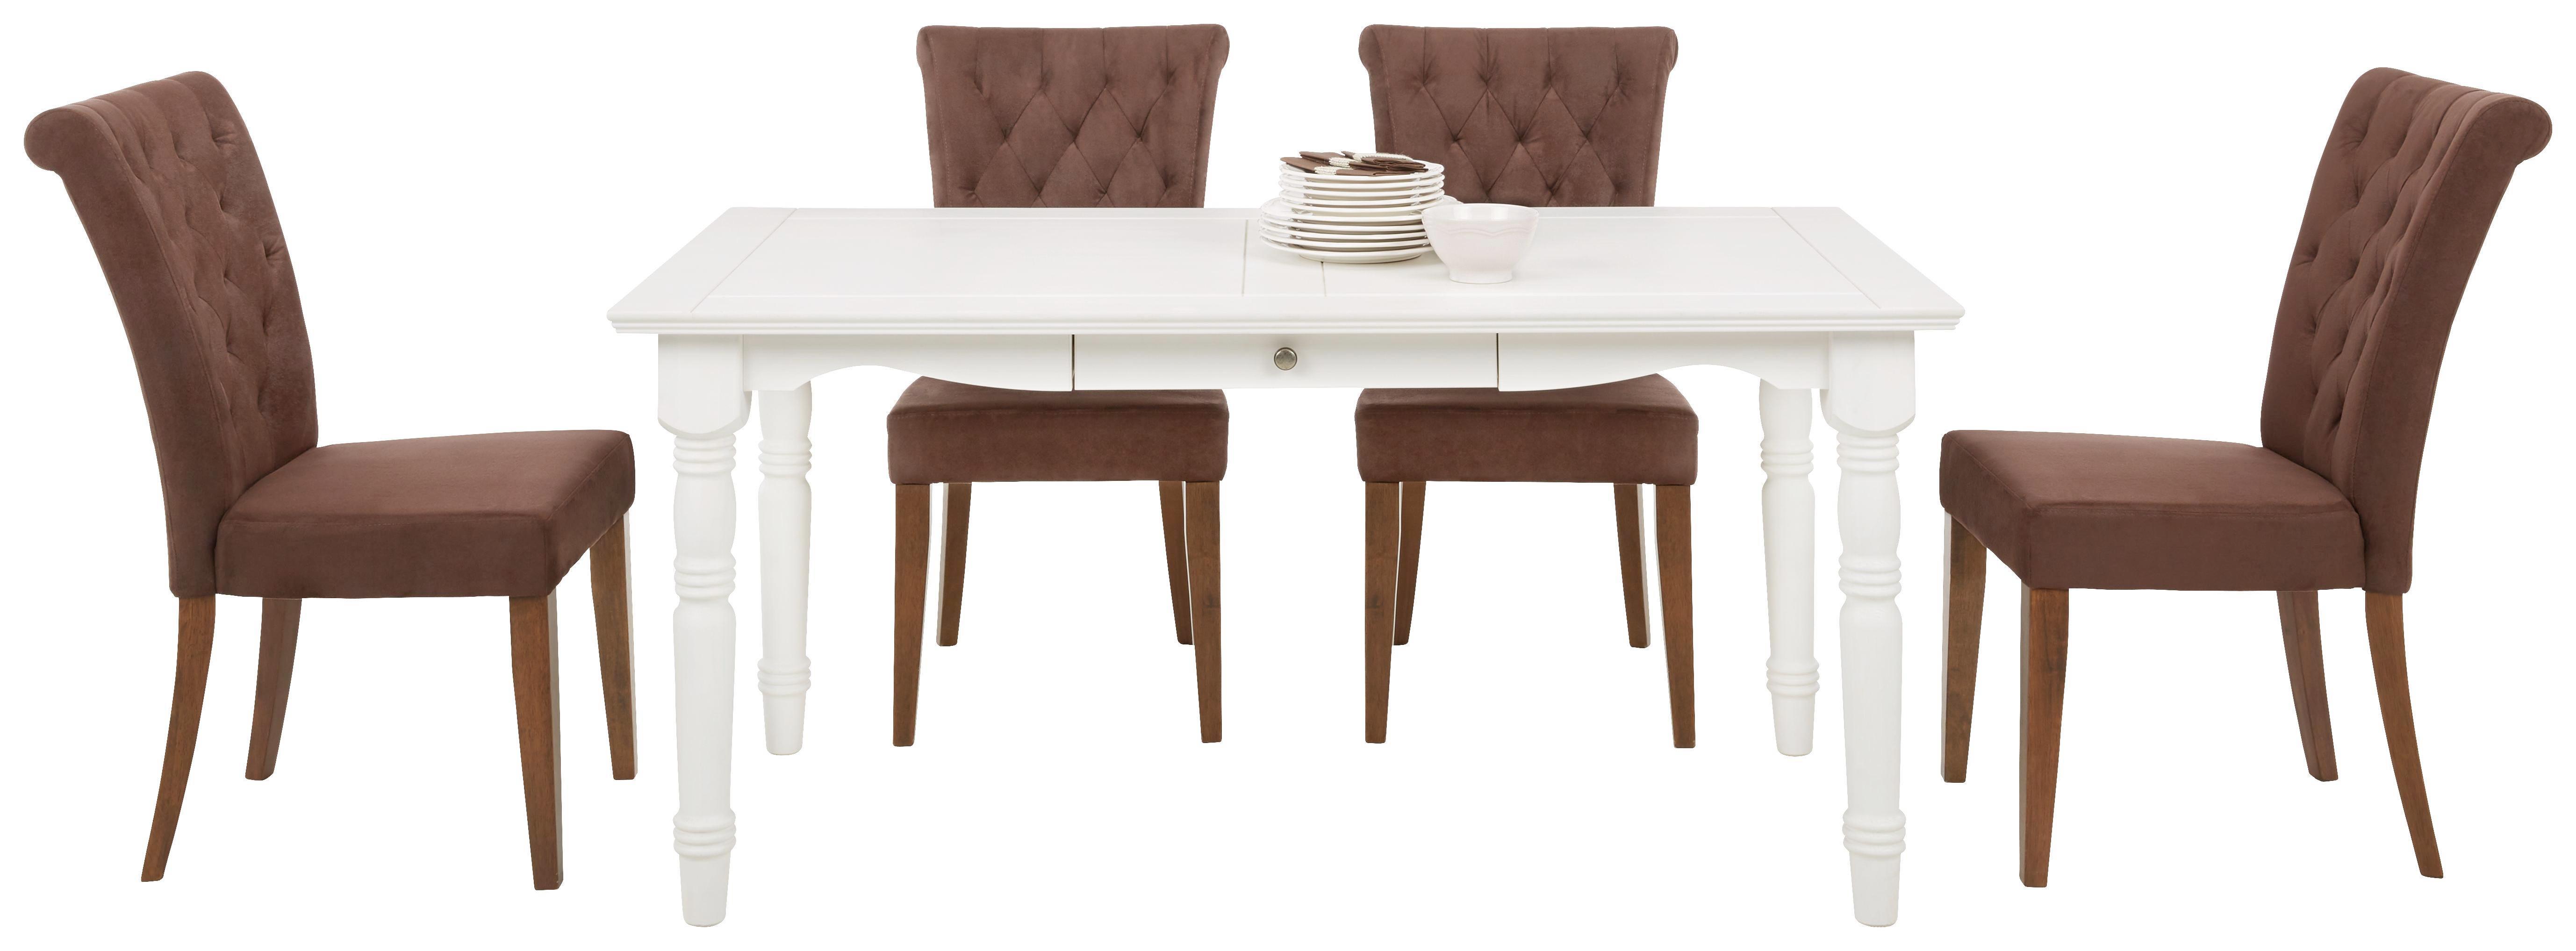 Sessel in Braun - Braun/Weiß, ROMANTIK / LANDHAUS, Holz/Textil (52/99/70,50cm) - ZANDIARA